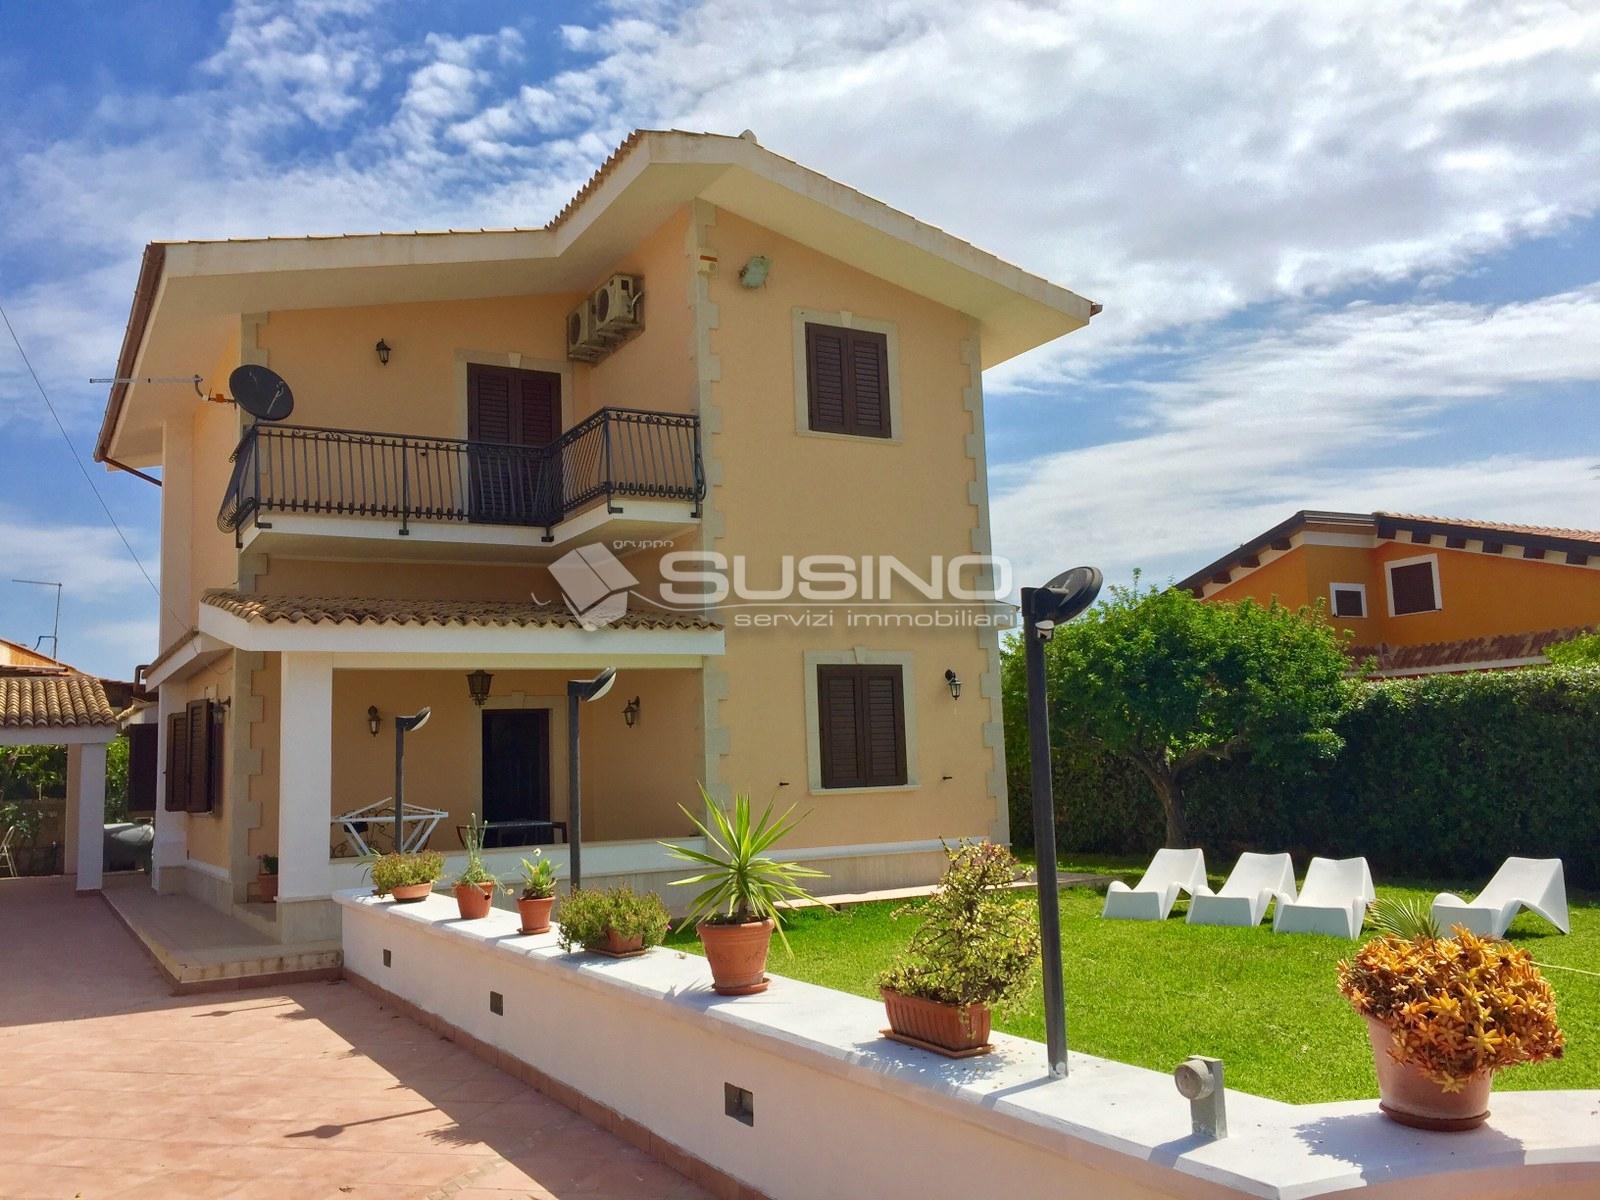 Villa in affitto a Siracusa, 5 locali, zona Località: Arenella, Trattative riservate   Cambio Casa.it